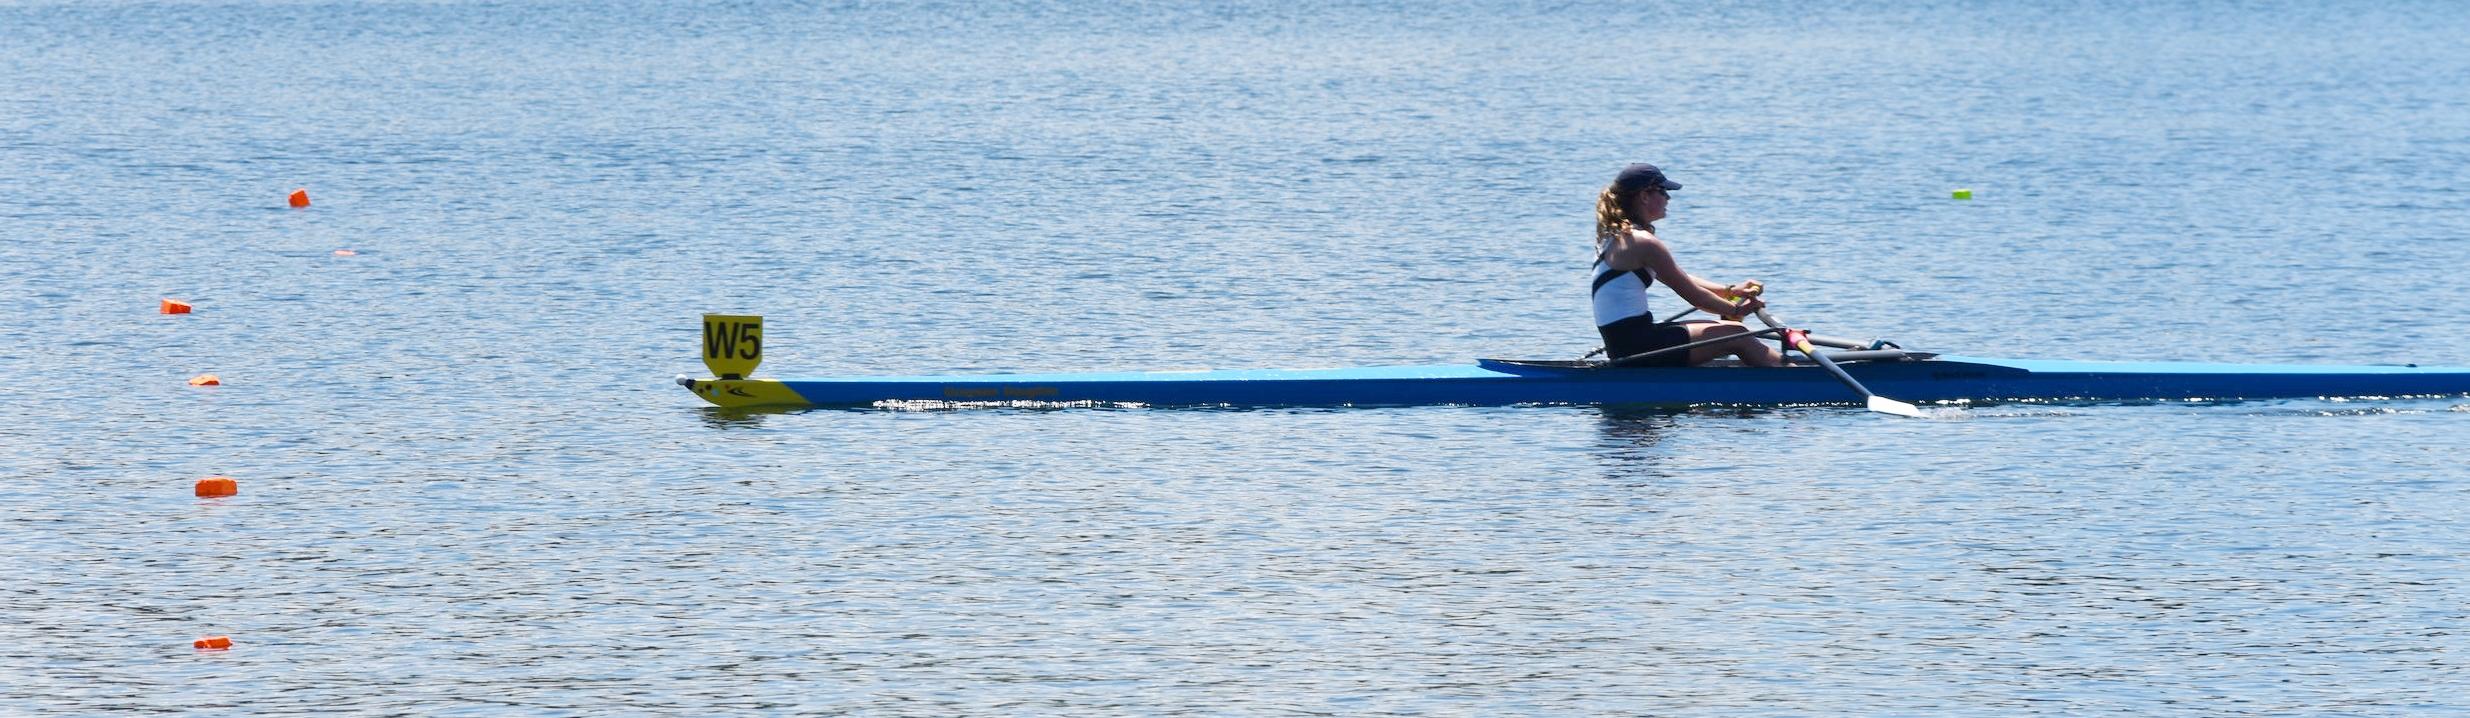 Club regatta 4.JPG